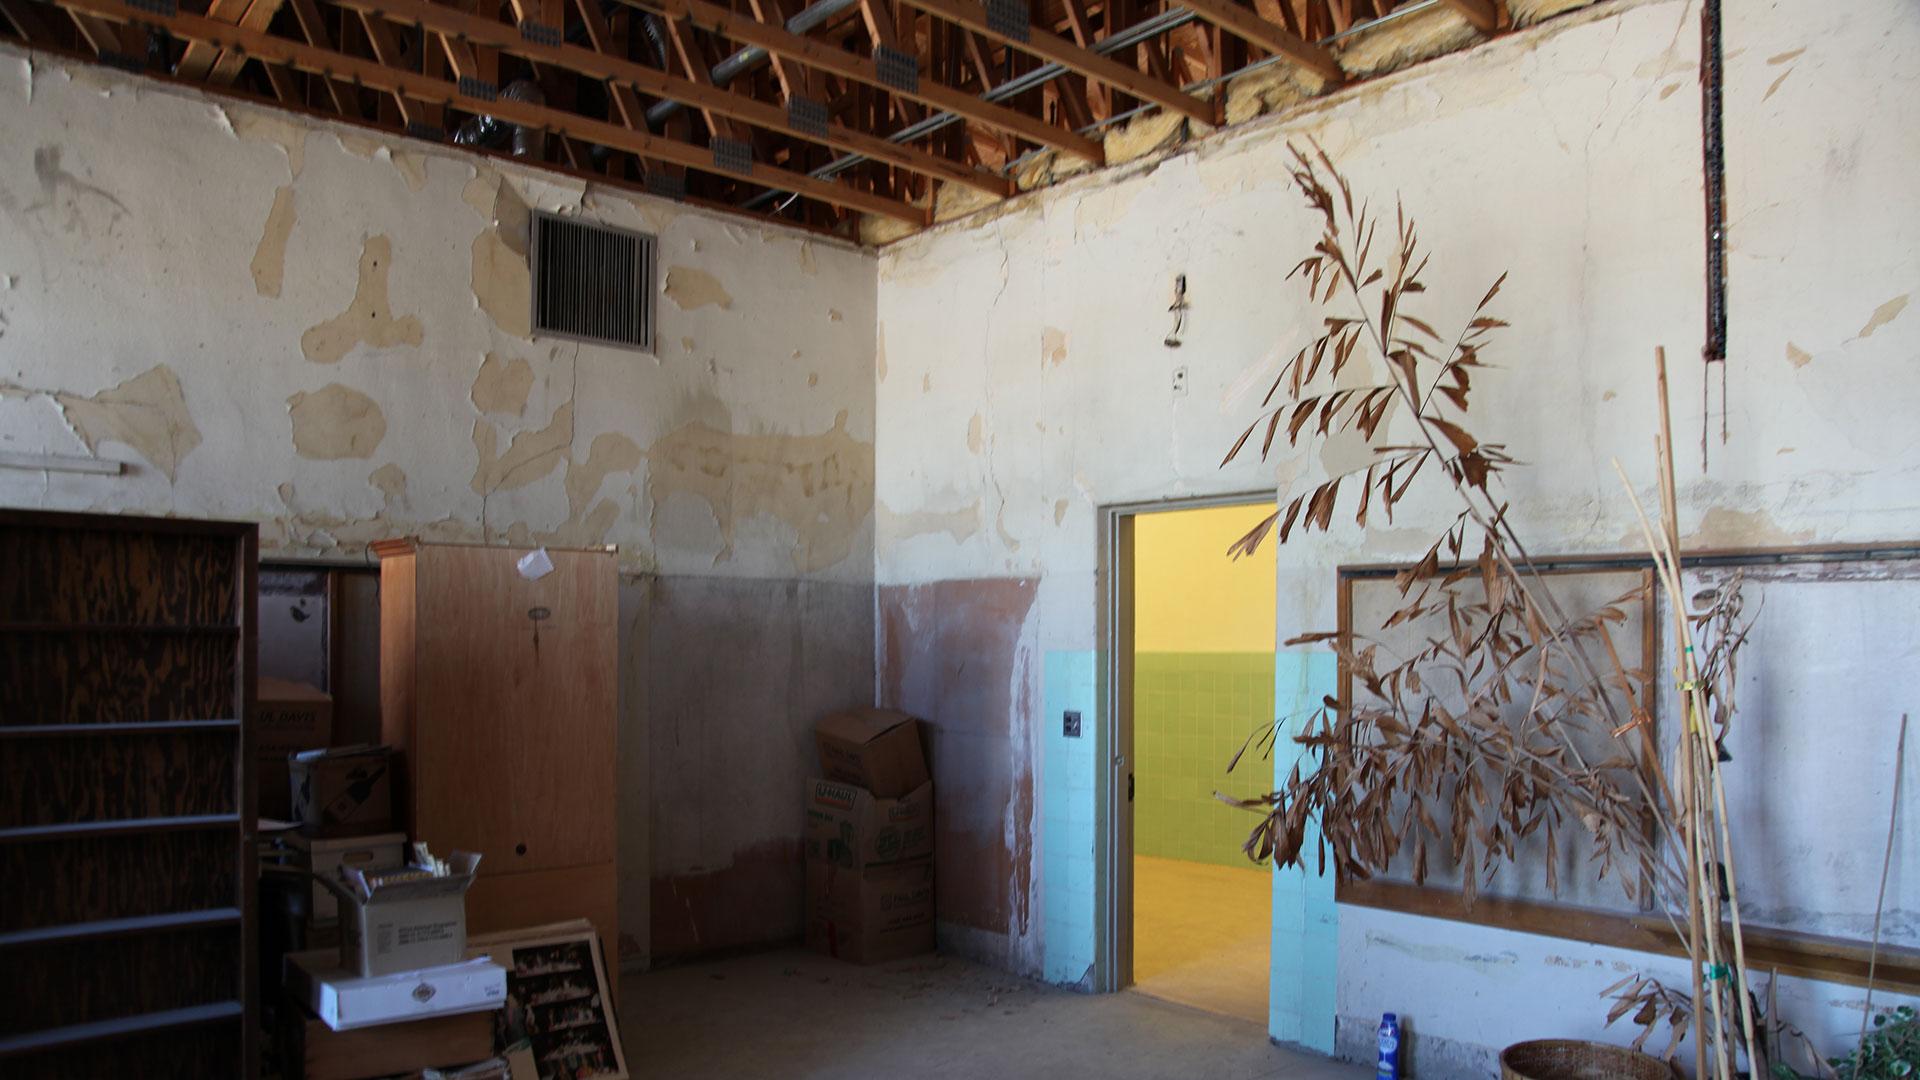 Dunbar Old Room